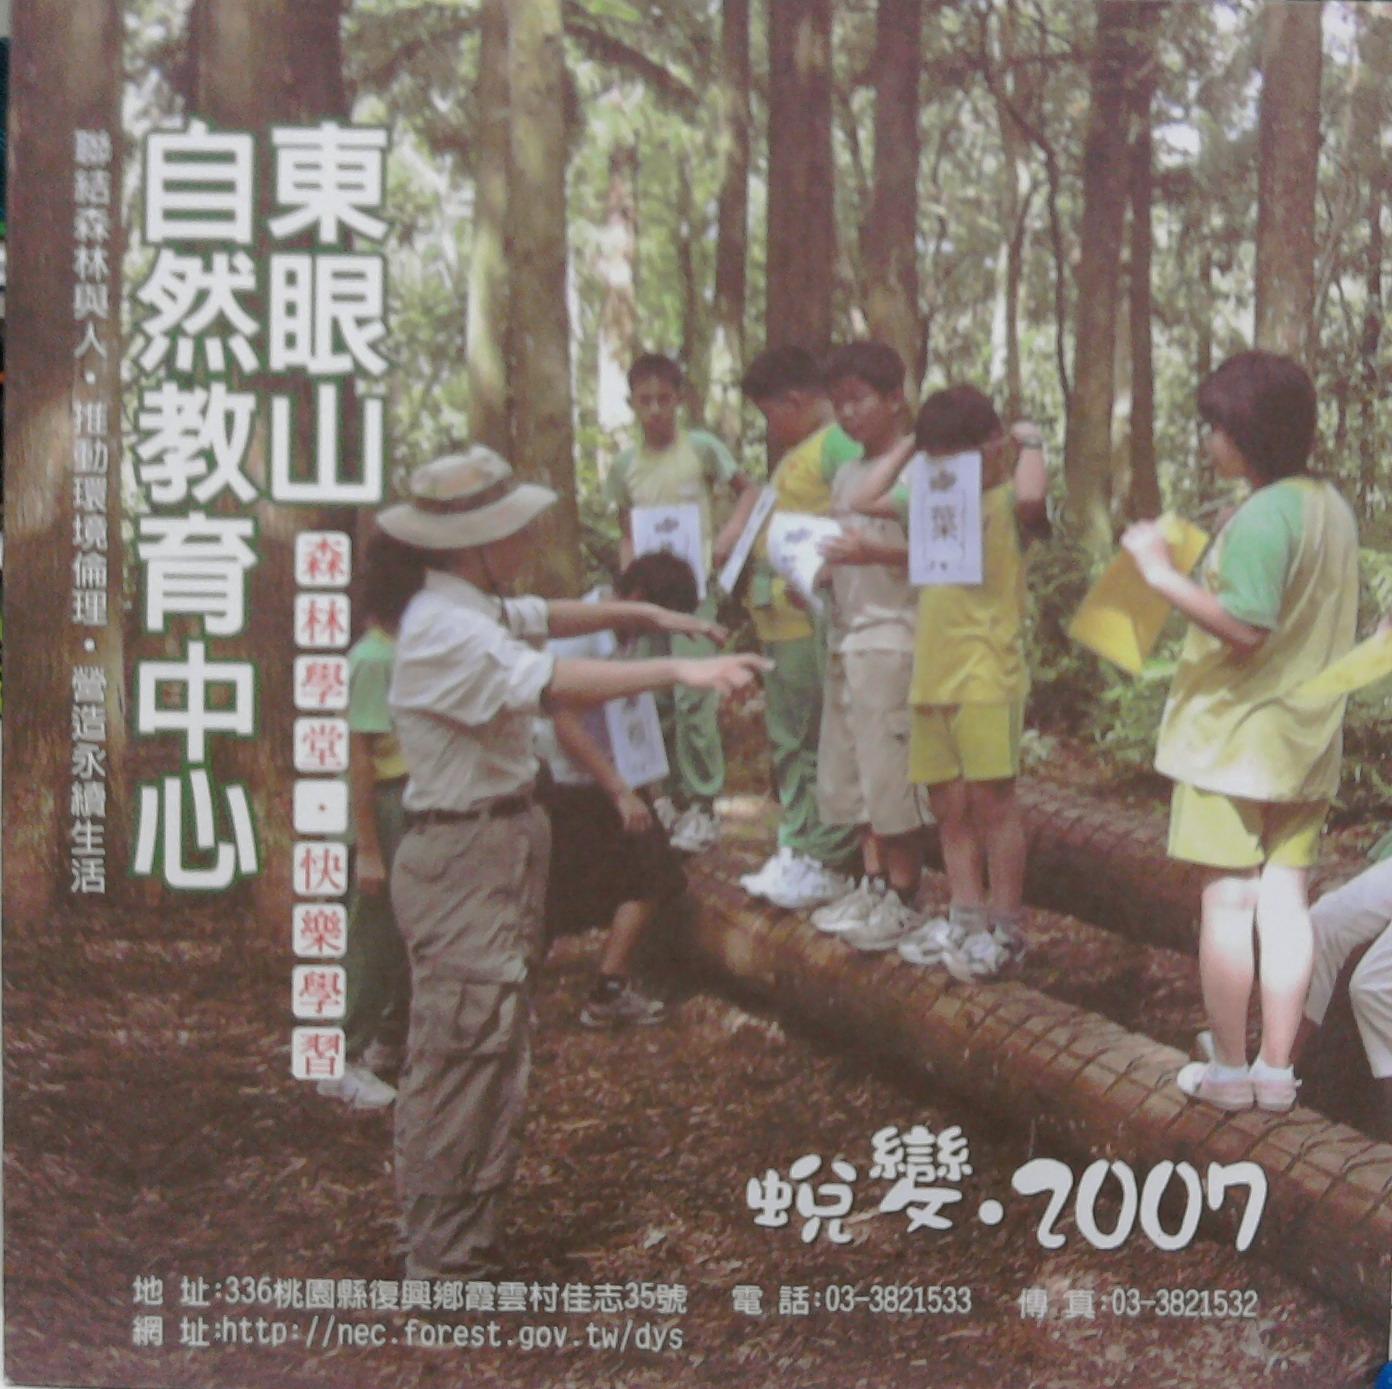 東眼山自然教育中心-蛻變2007